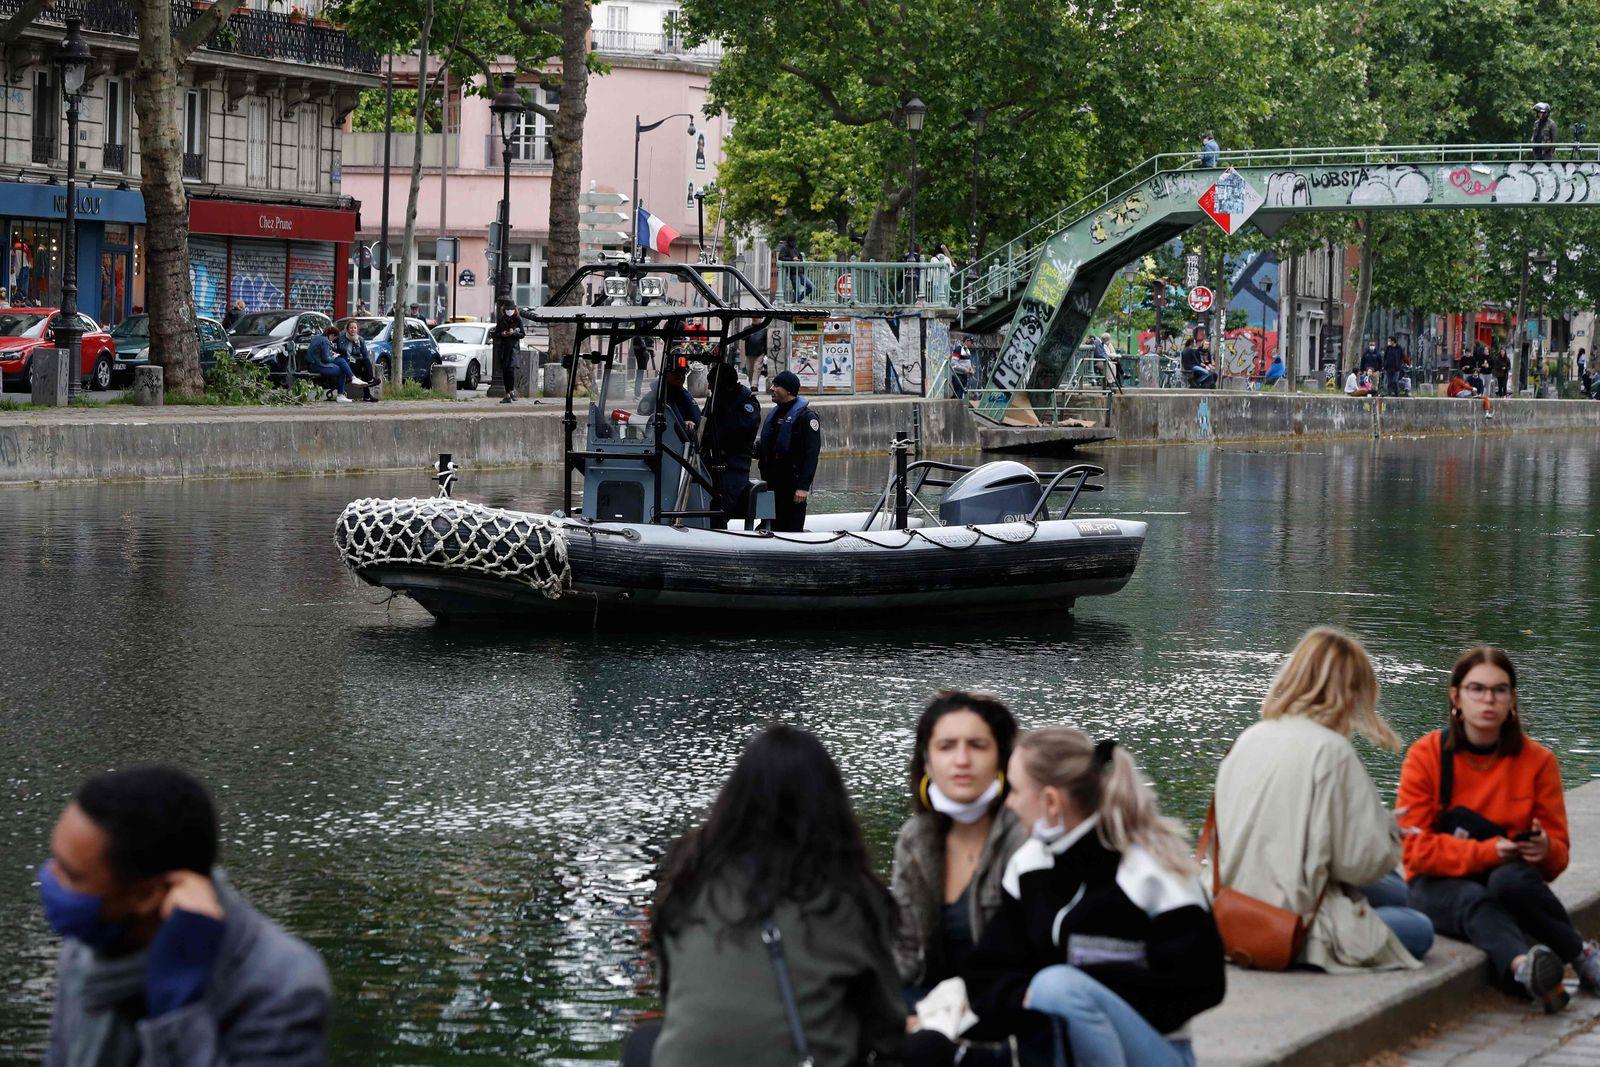 FRANCE-HEALTH-VIRUS-PARIS